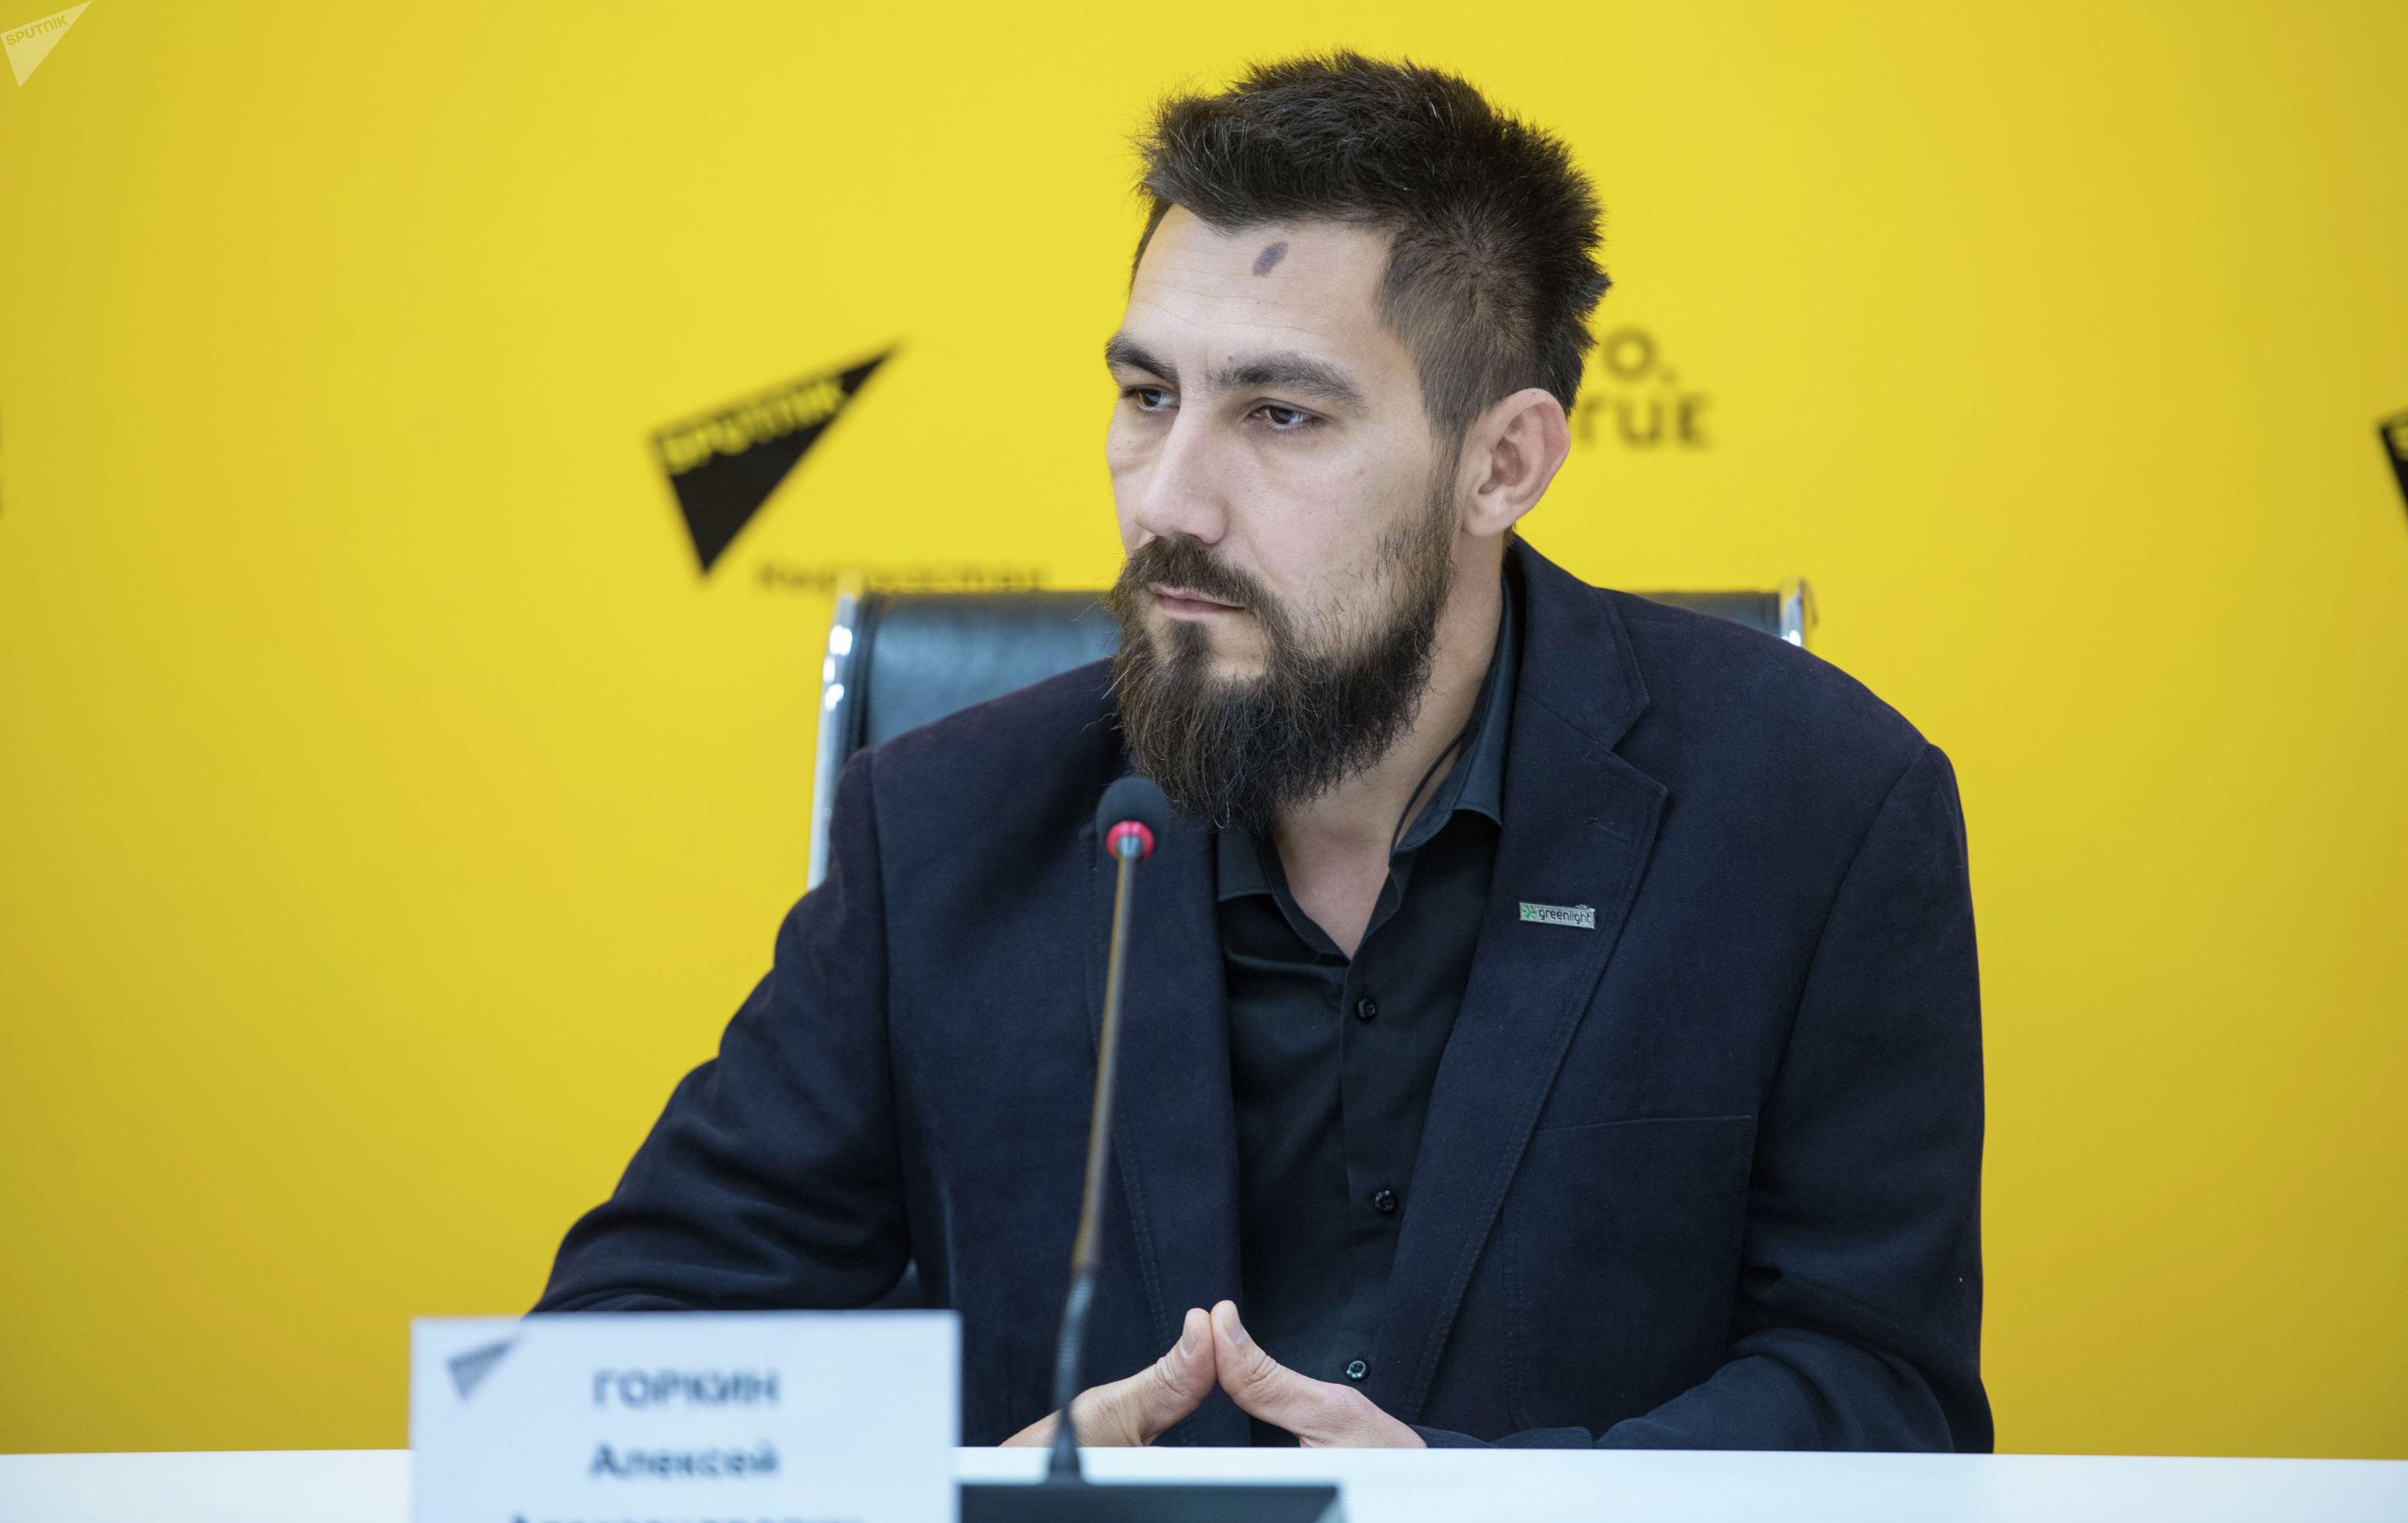 Инженер по серверам и системам хранения данных Алексей Горкин на пресс-конференции в мультимедийном пресс-центре Sputnik Кыргызста